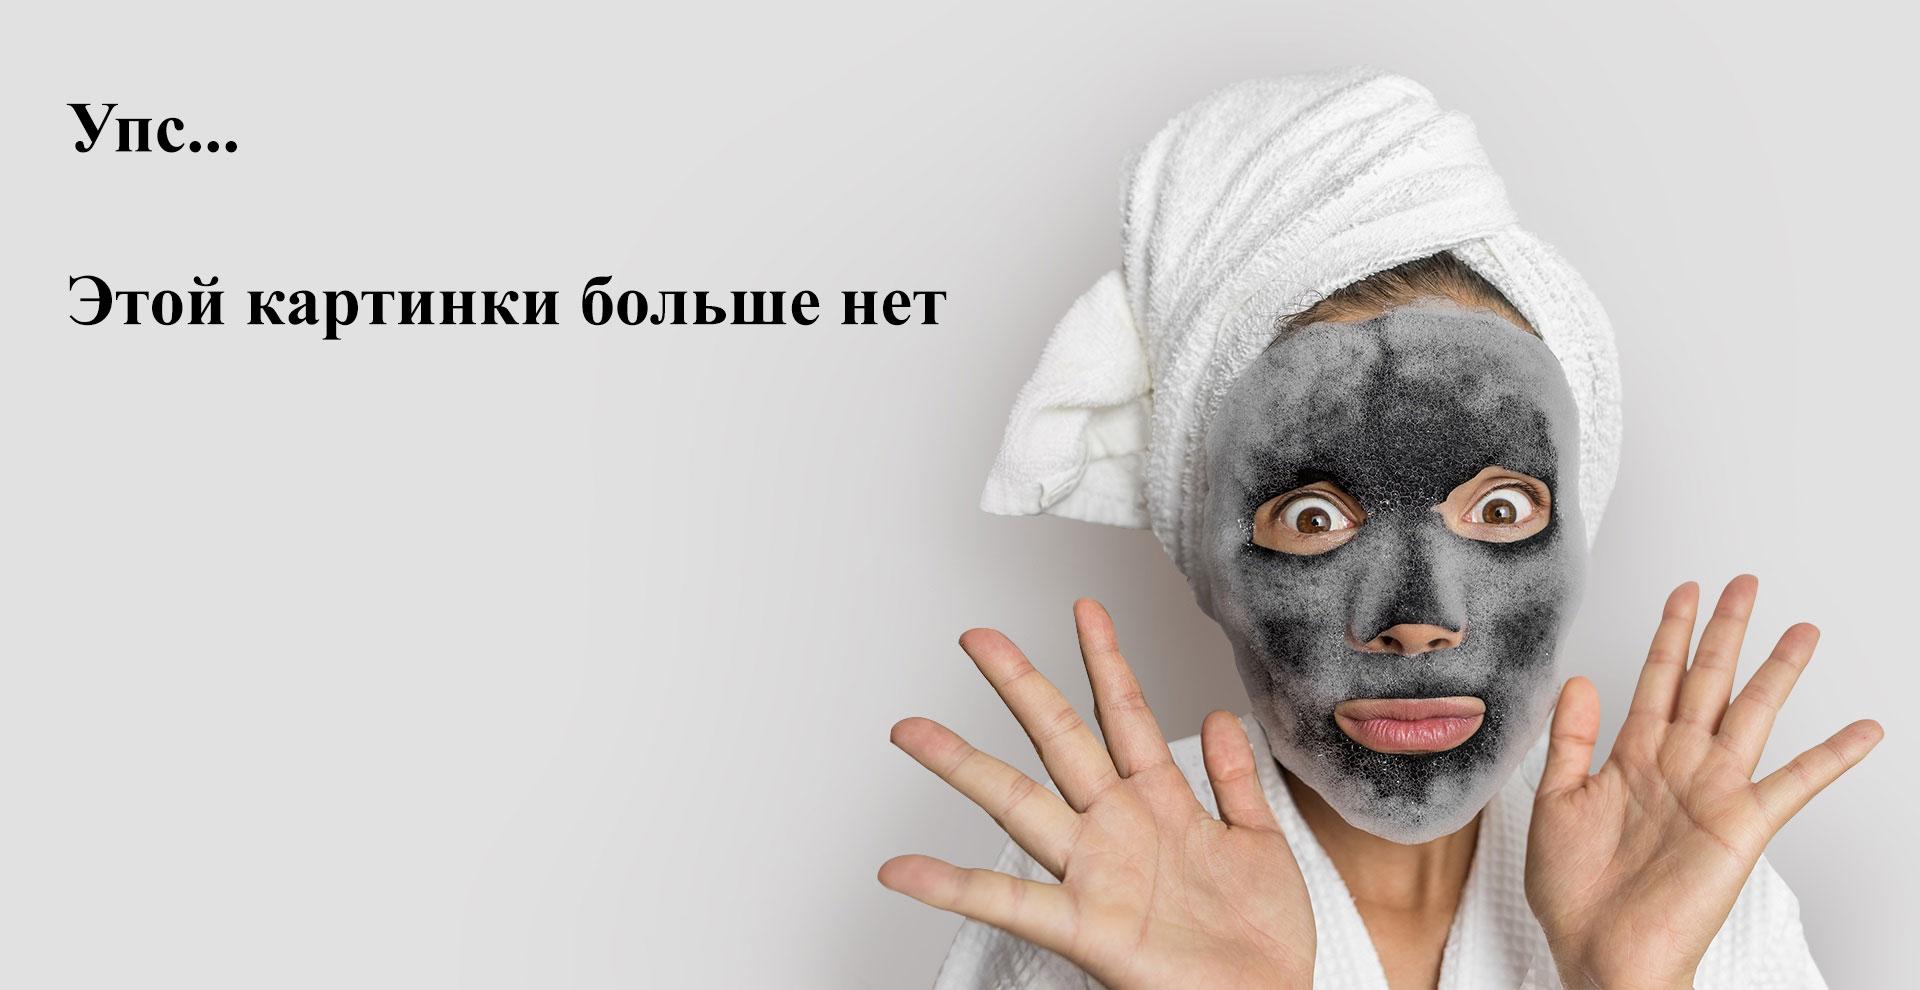 NailTes, Дизайн Хлопья Юки № 8